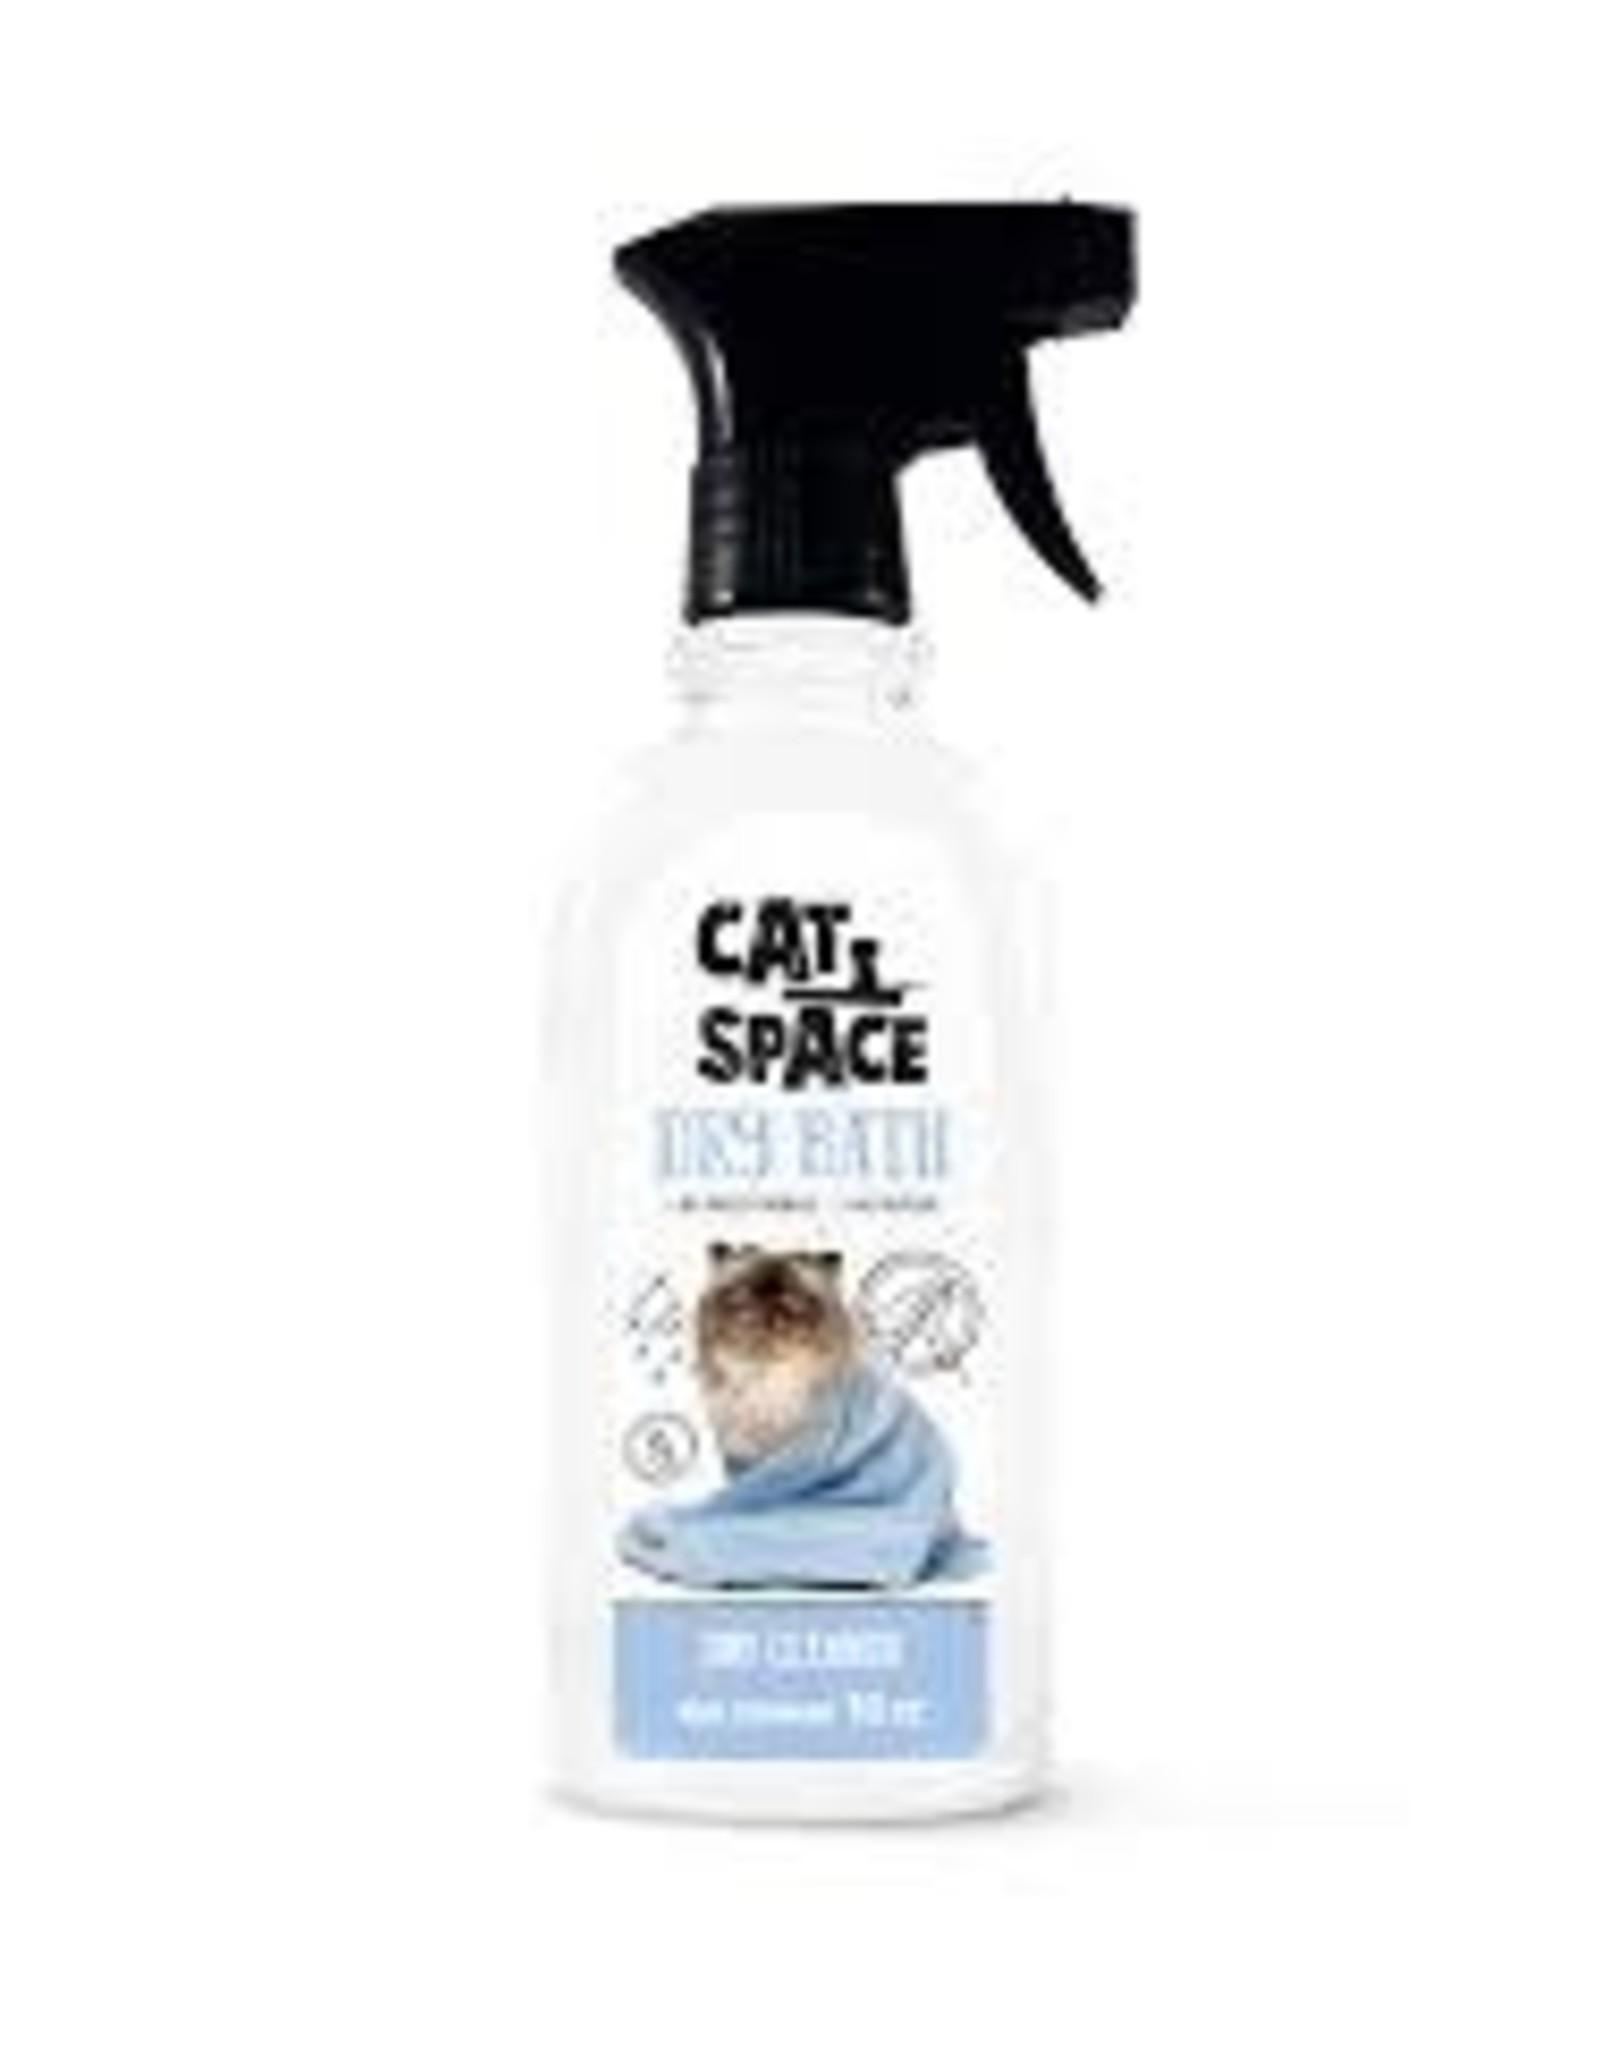 Cat Space Cat Space Dry Bath Shampoo Cat 300 ml